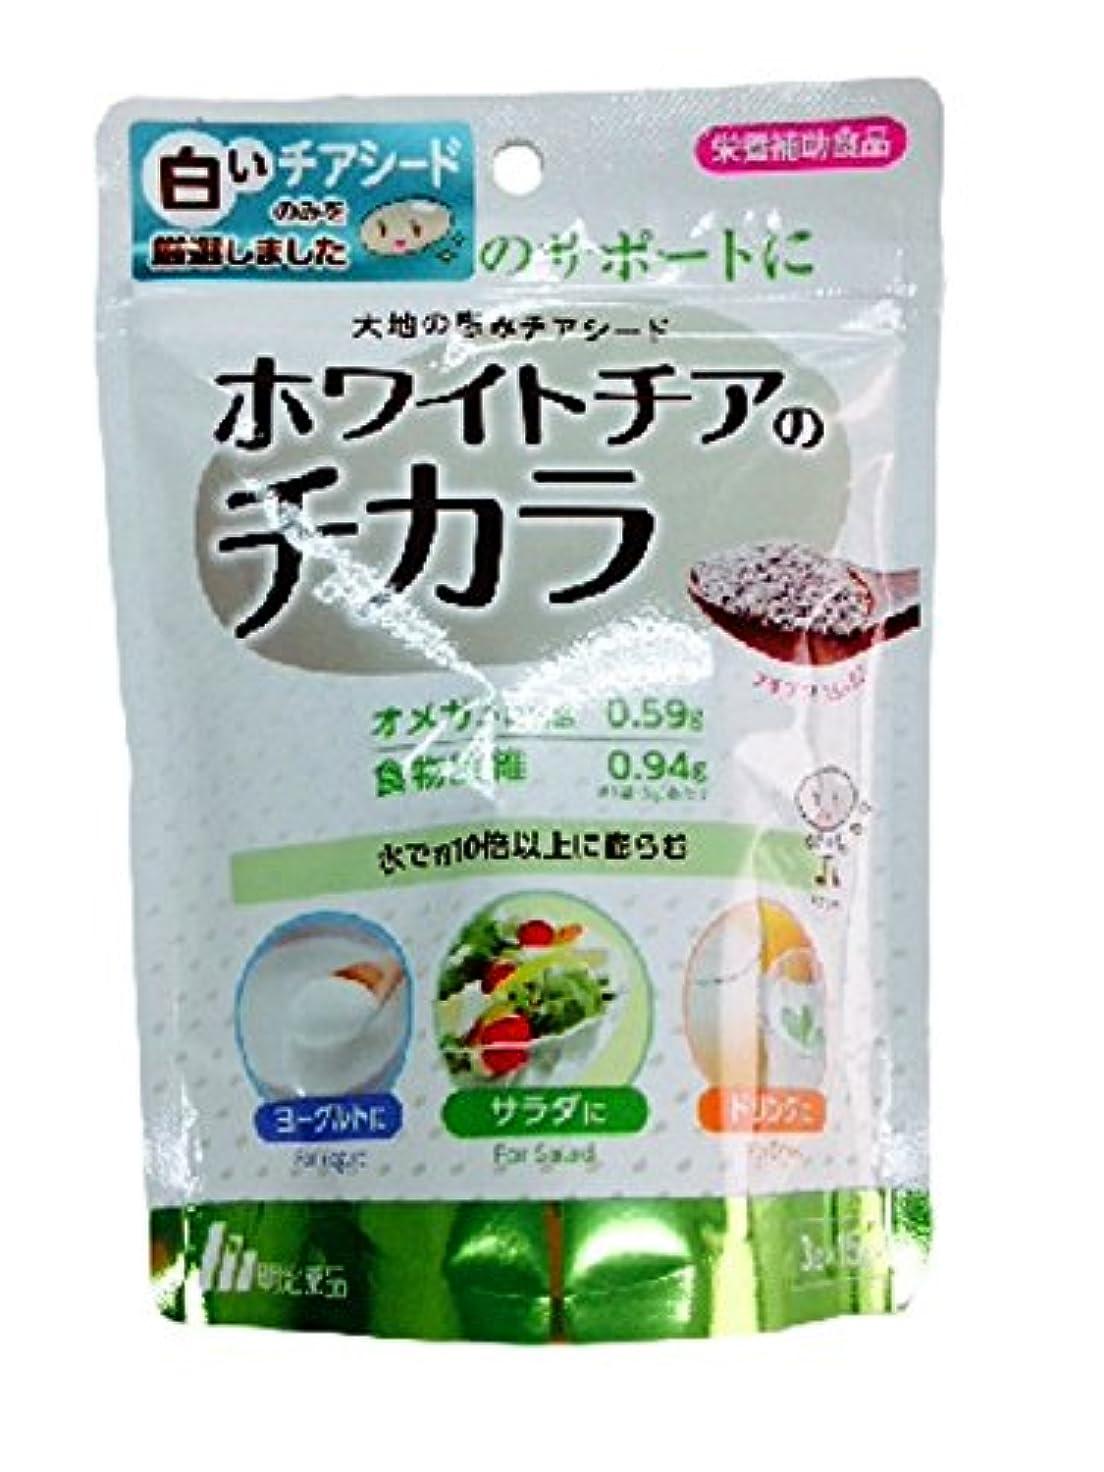 チロインフレーション容器明治薬品 ホワイトチアのチカラ 3gx15袋